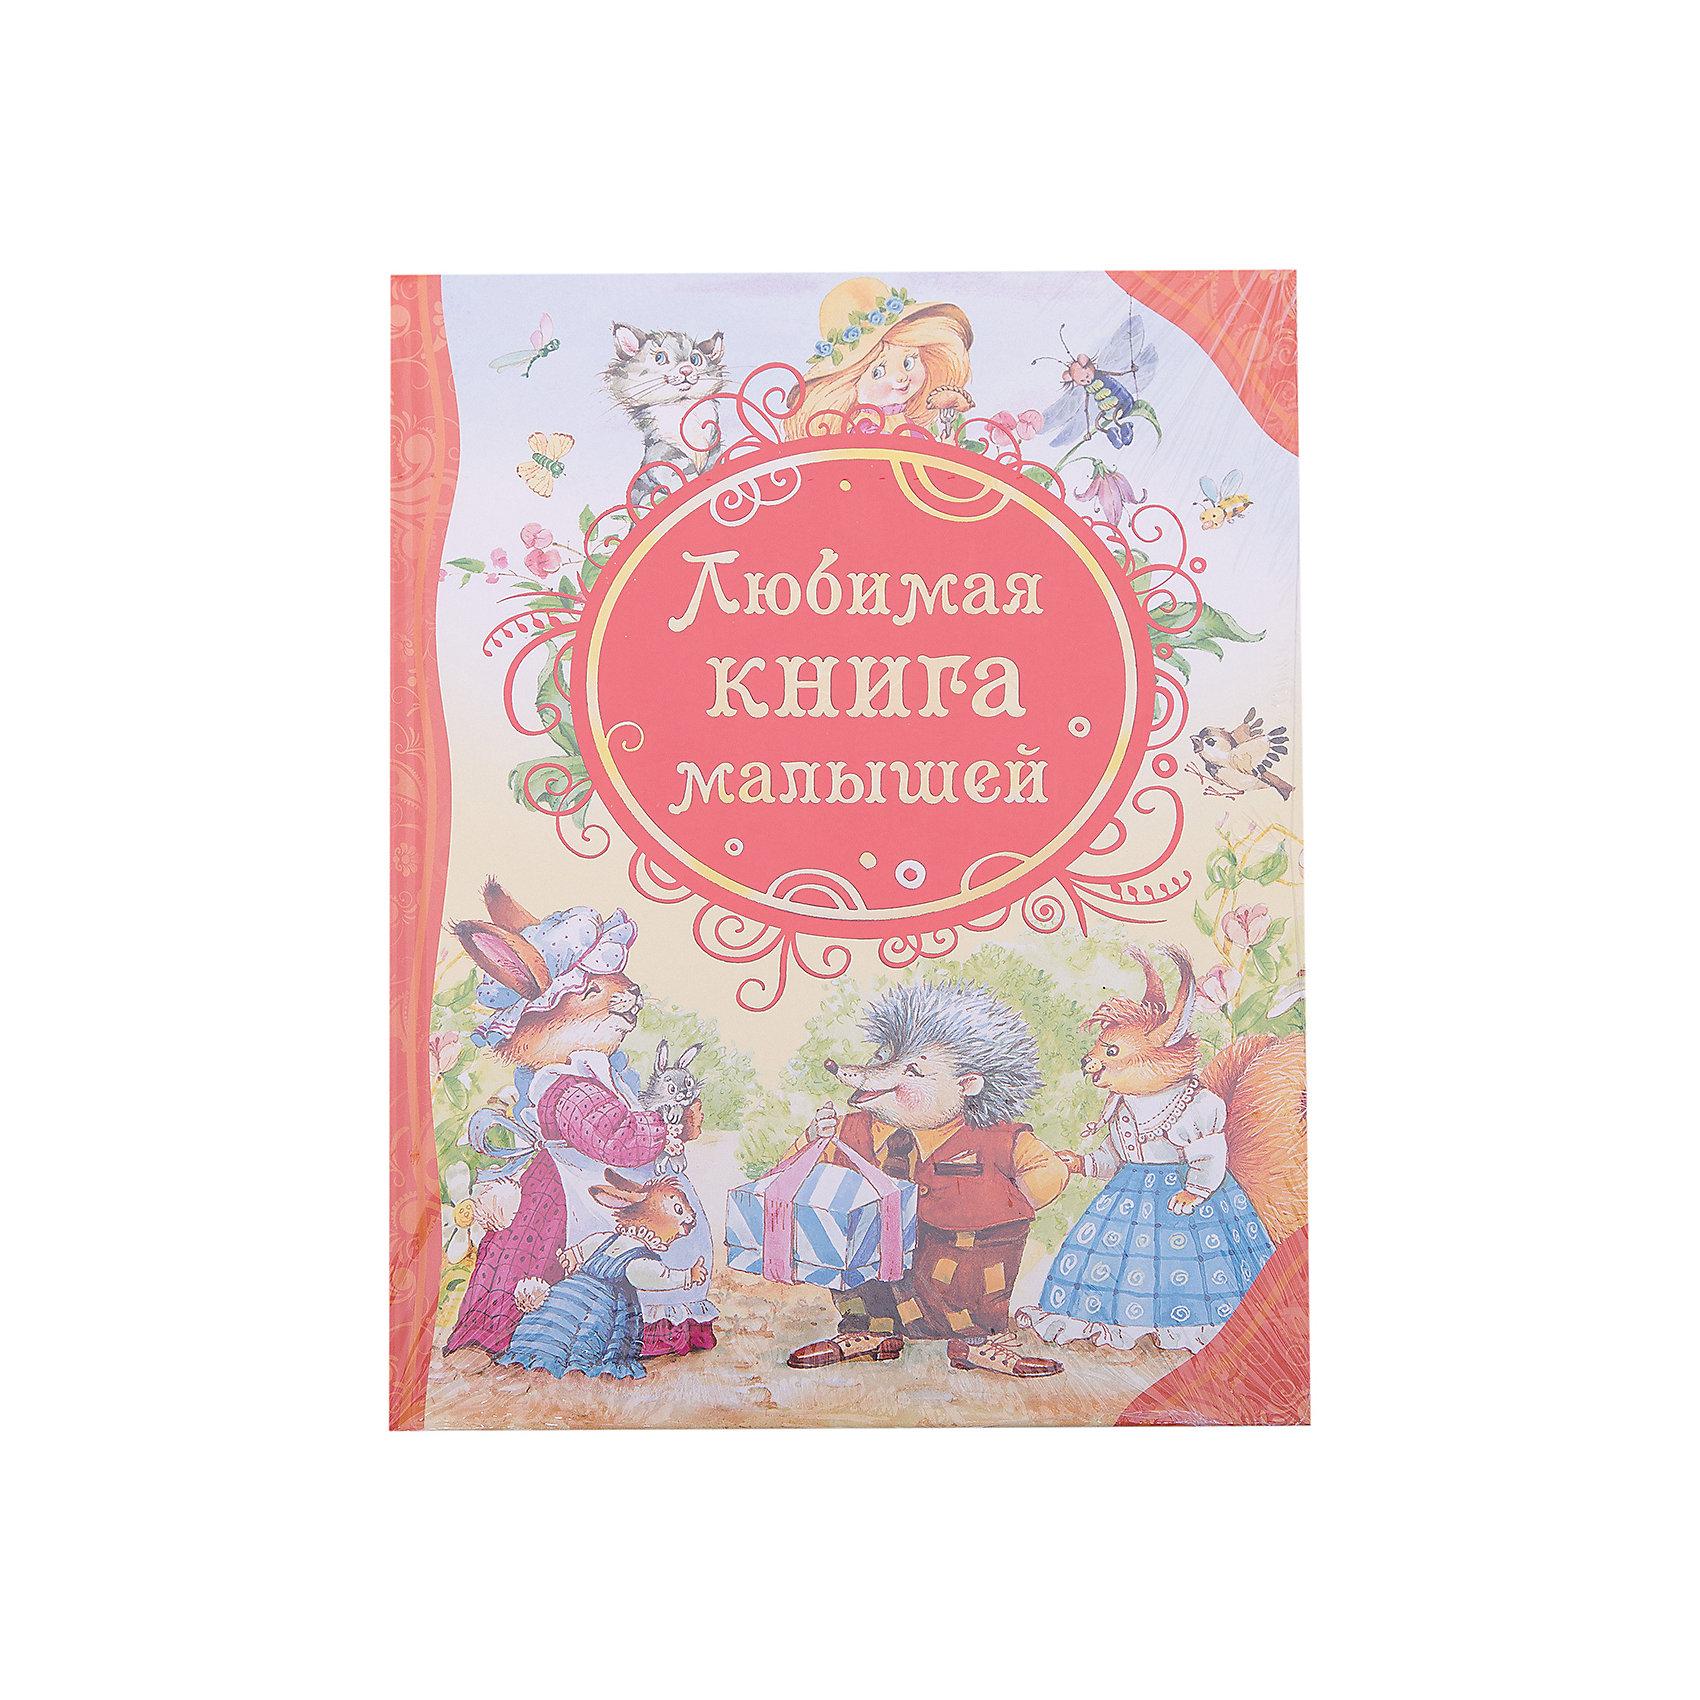 Росмэн Сборник сказок Любимая книга малышей прабабушка беатрис прабабушка изабель эдиториаль тандем